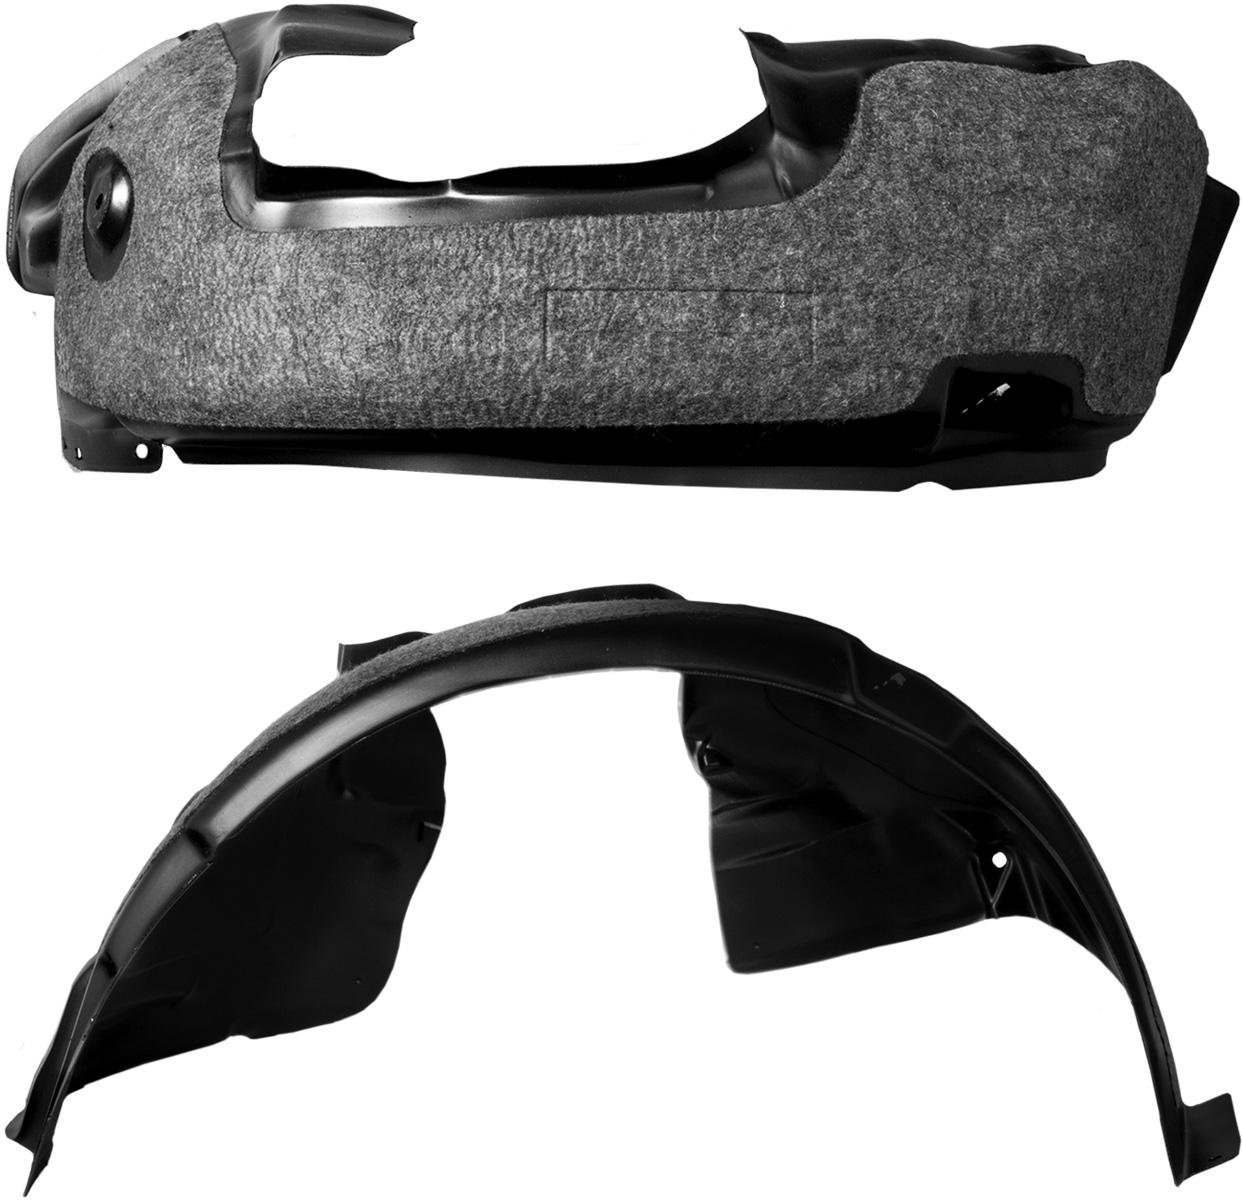 Подкрылок с шумоизоляцией Novline-Autofamily, для Peugeot Boxer, 08/2014 ->, без расширителей арок (передний левый)SATURN CANCARDПодкрылок с шумоизоляцией - революционный продукт, совмещающий в себе все достоинства обычного подкрылка, и в то же время являющийся одним из наиболее эффективных средств борьбы с внешним шумом в салоне автомобиля. Подкрылки бренда Novline-Autofamily разрабатываются индивидуально для каждого автомобиля с использованием метода 3D-сканирования.В качестве шумоизолирующего слоя применяется легкое синтетическое нетканое полотно толщиной 10 мм, которое отталкивает влагу, сохраняет свои шумоизоляционные свойства на протяжении всего периода эксплуатации.Подкрылки с шумоизоляцией не имеют эксплуатационных ограничений и устанавливаются один раз на весь срок службы автомобиля.Подкрылки с шумоизоляцией не имеют аналогов и являются российским изобретением, получившим признание во всём мире. Уважаемые клиенты! Обращаем ваше внимание, фото может не полностью соответствовать оригиналу.